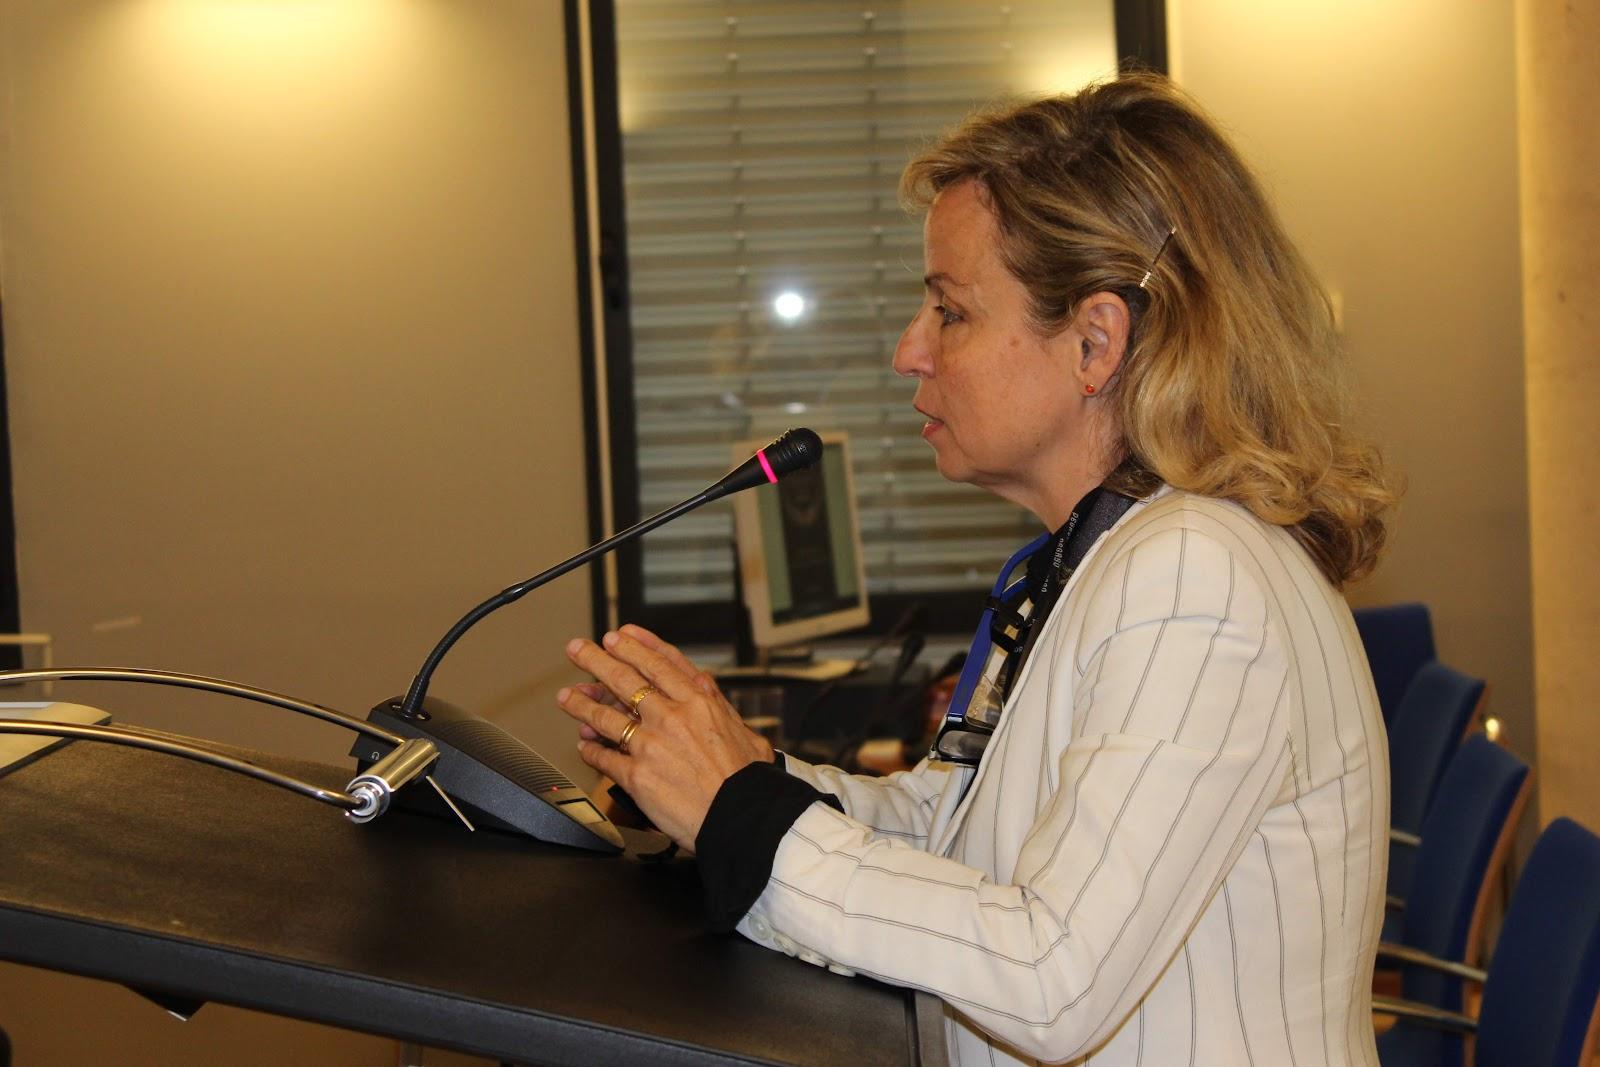 Entrevista a Susana Romera, Directora Técnica de ESAO, sobre la crisis del Coronavirus y la formación del aceite de oliva virgen